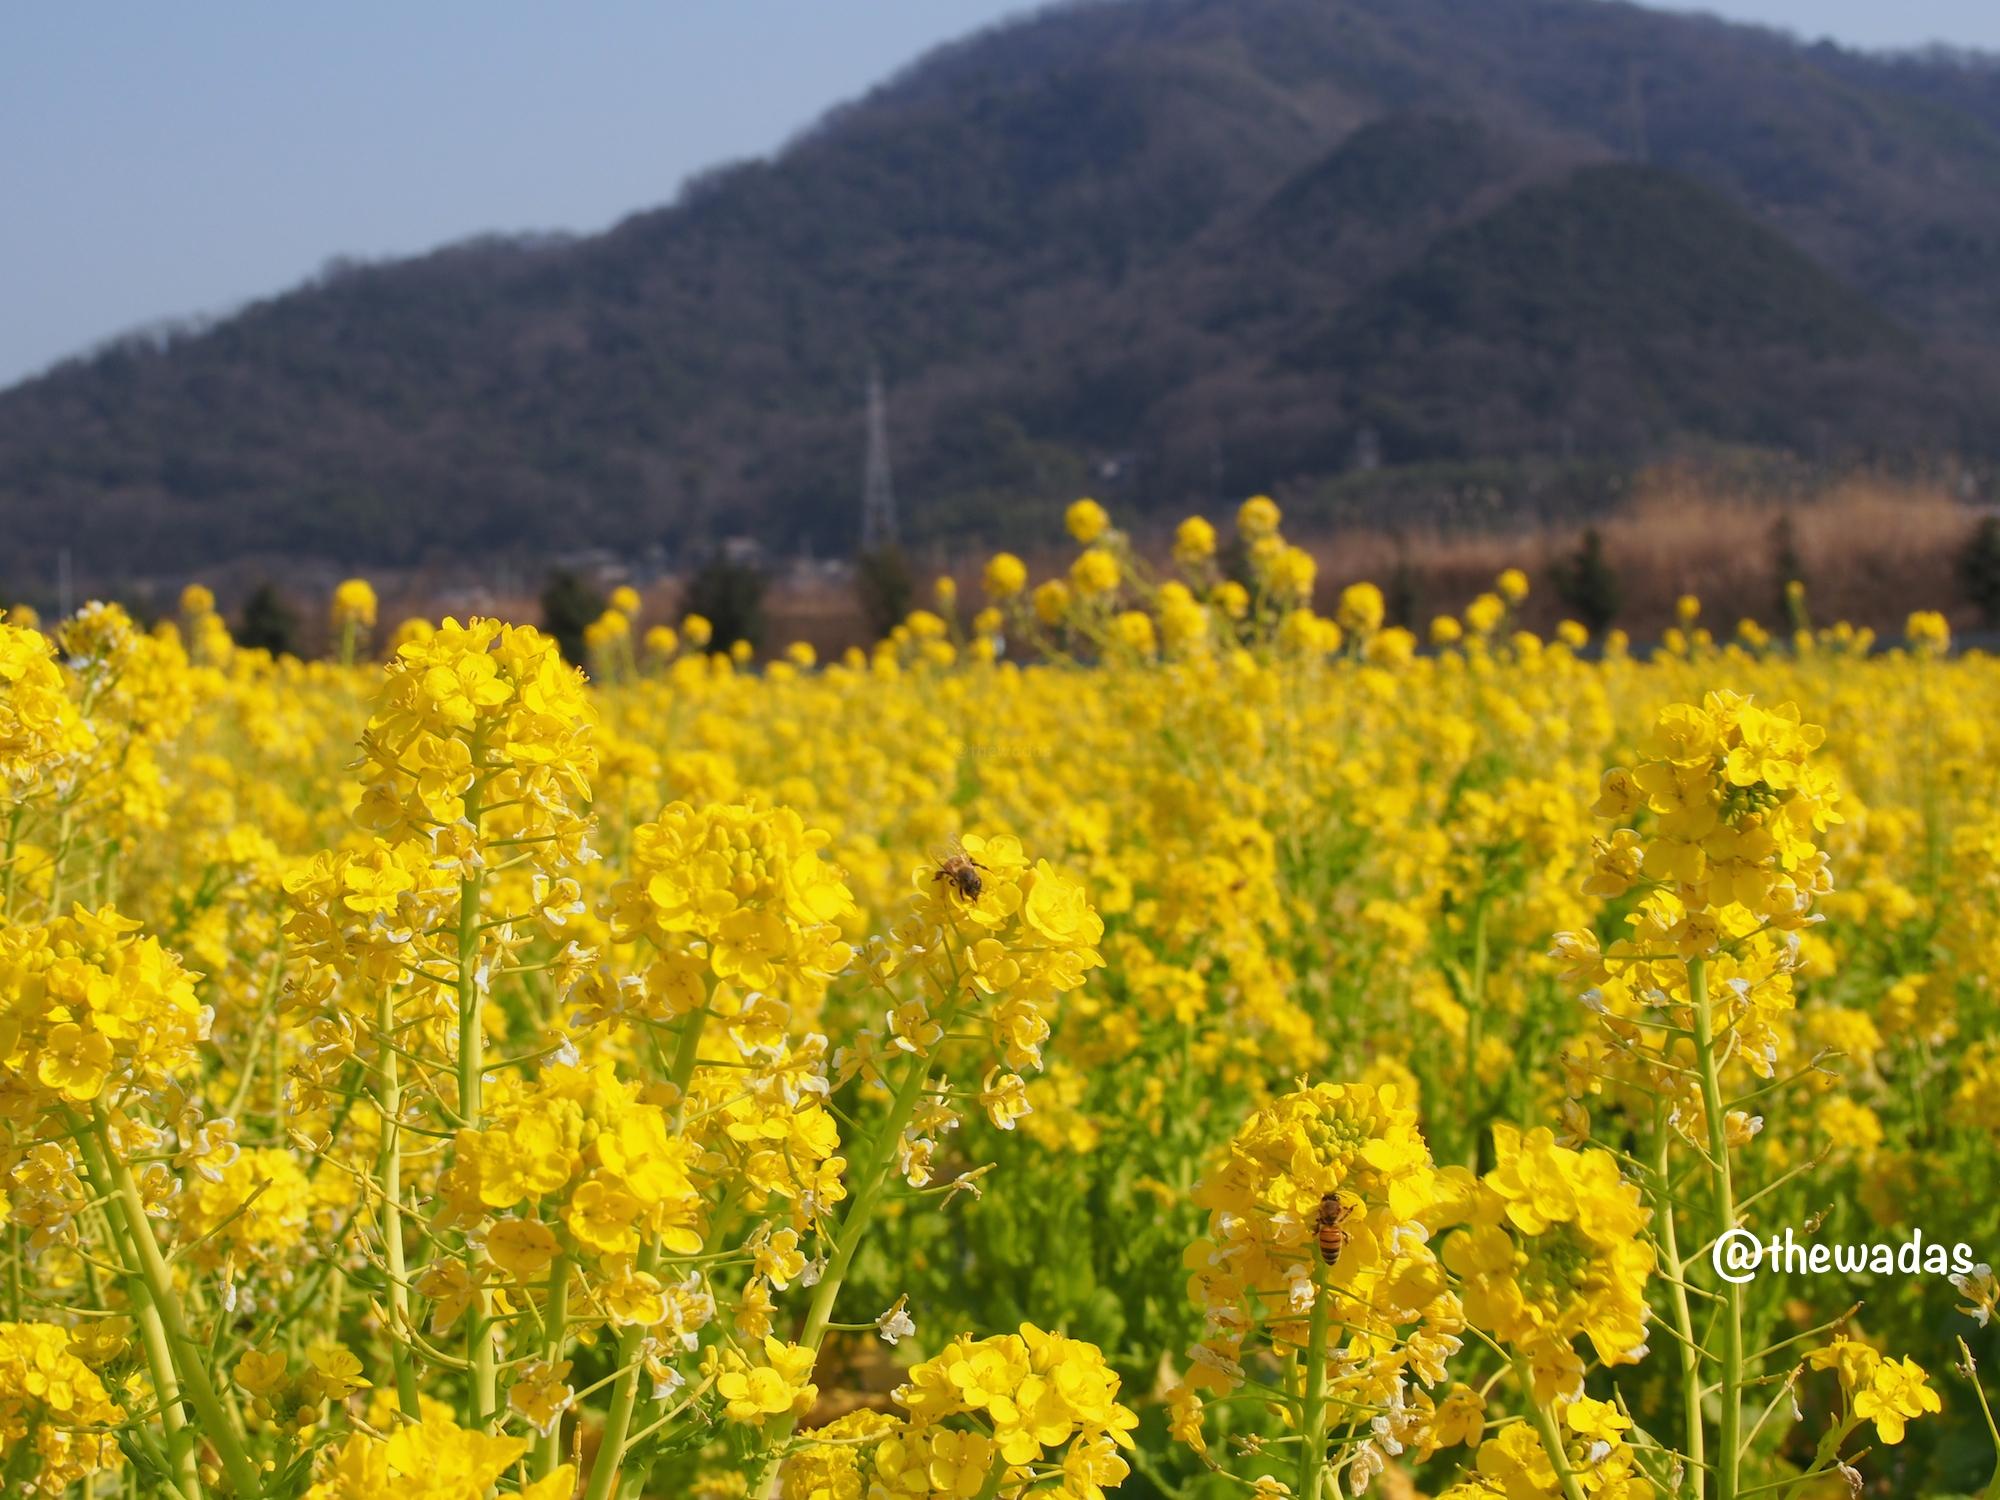 Kasaoka Bayfarm: Nanohana rapeseed flower field, closeup